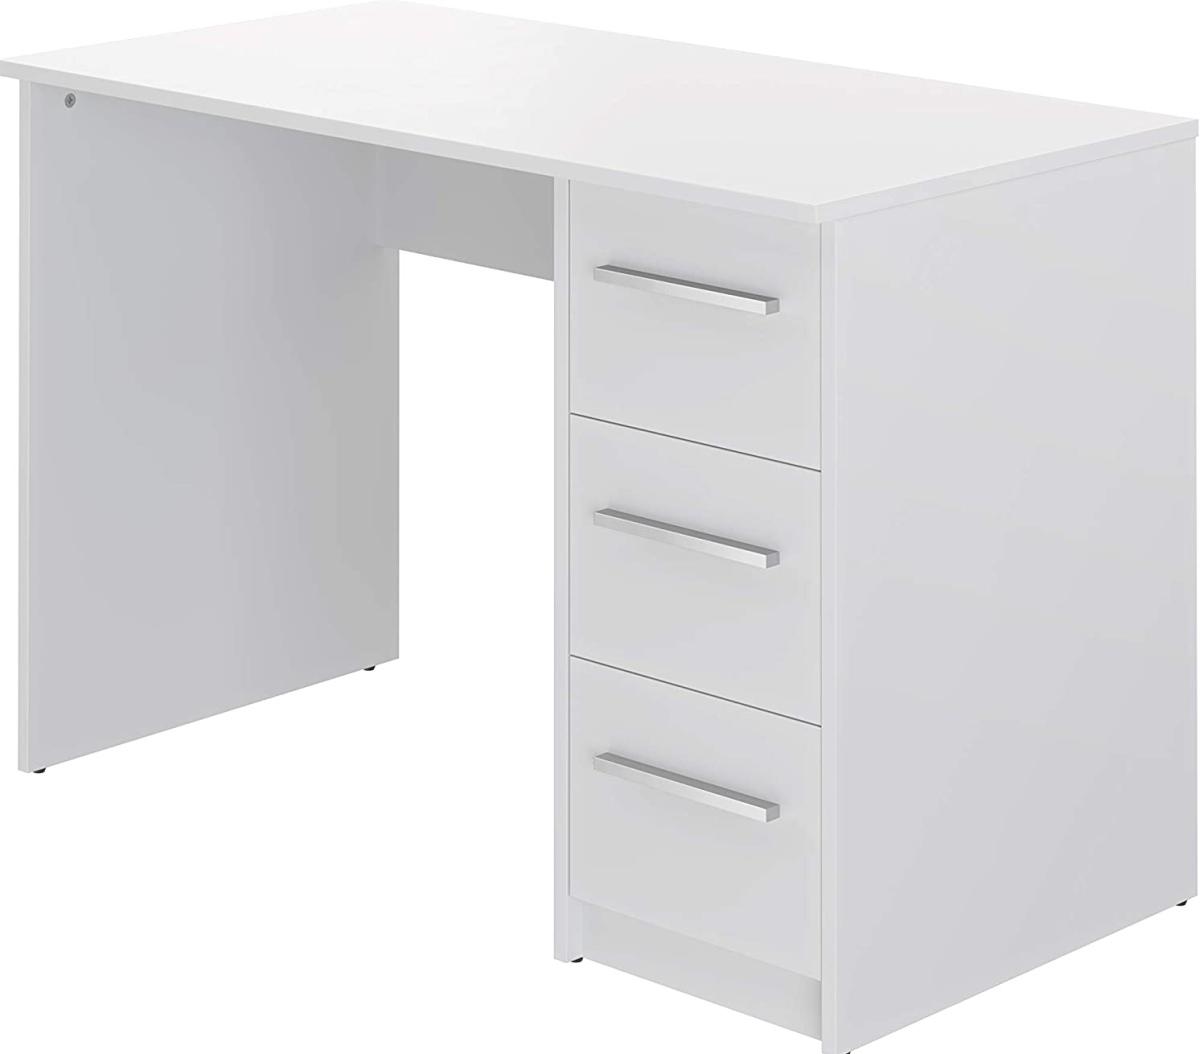 scrivania-bianca-classica-con-cassettiera-per-ufficio-pc-computer